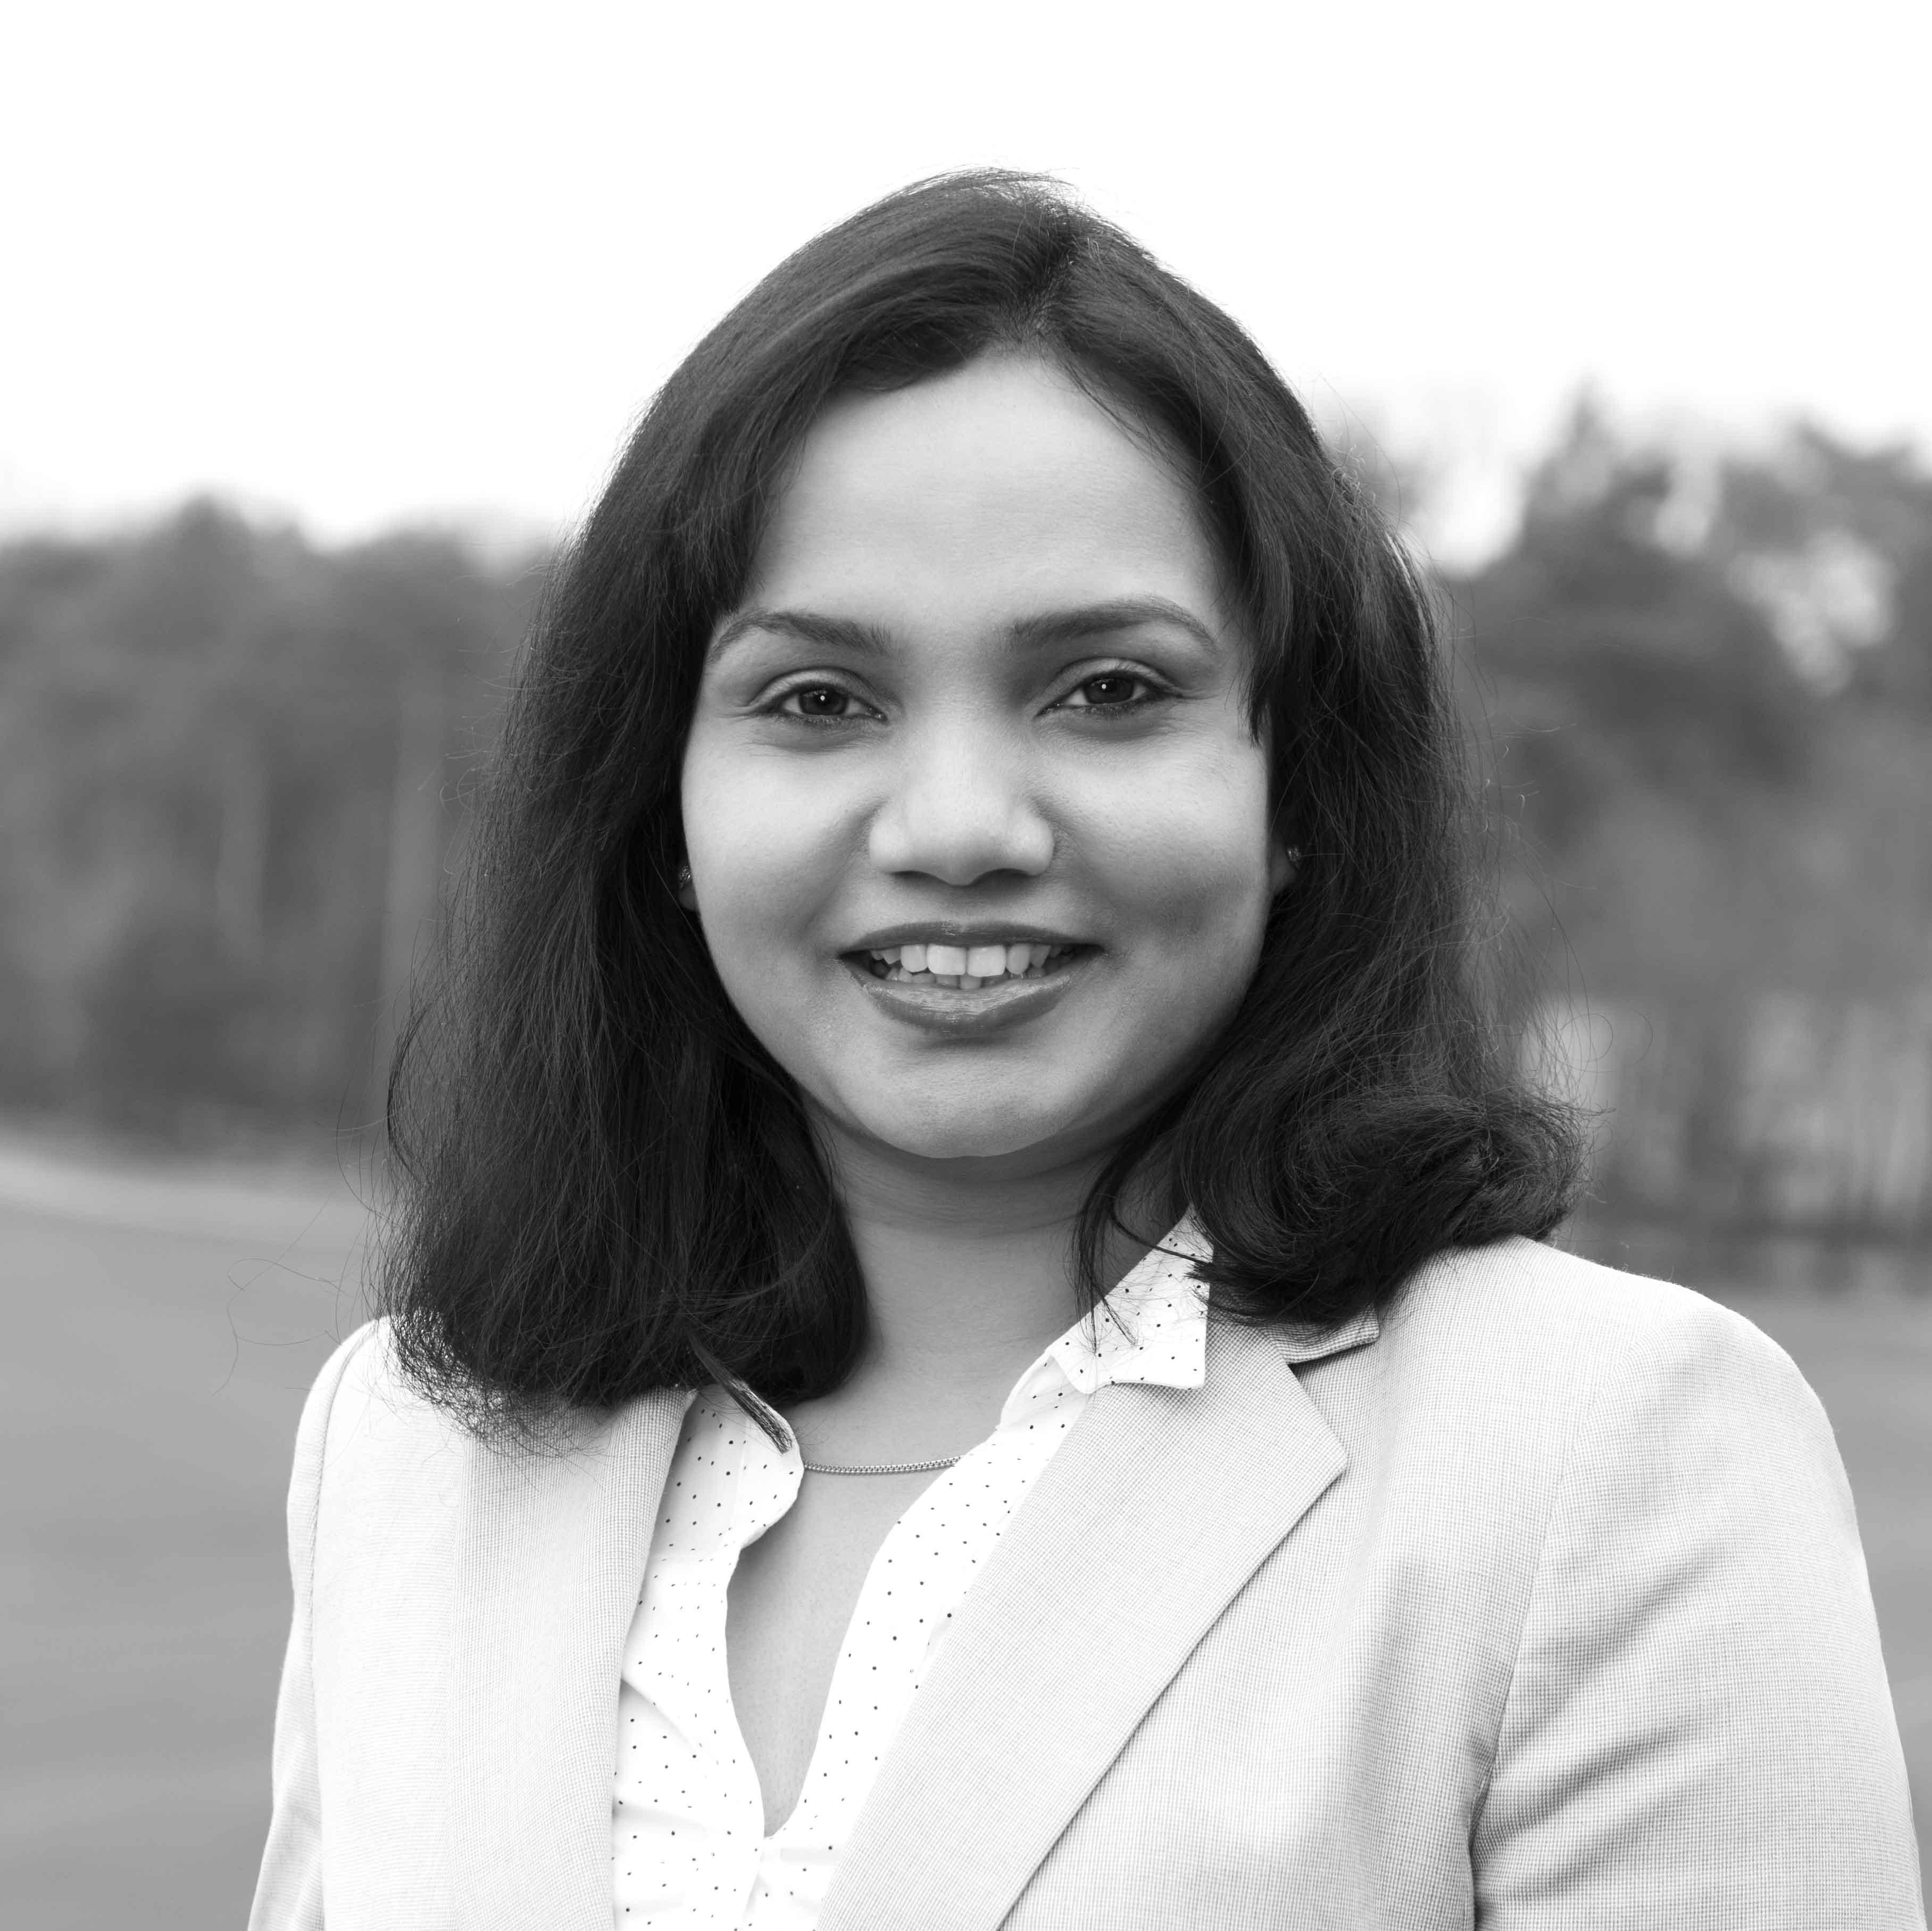 Ms. Prianka Mahanty